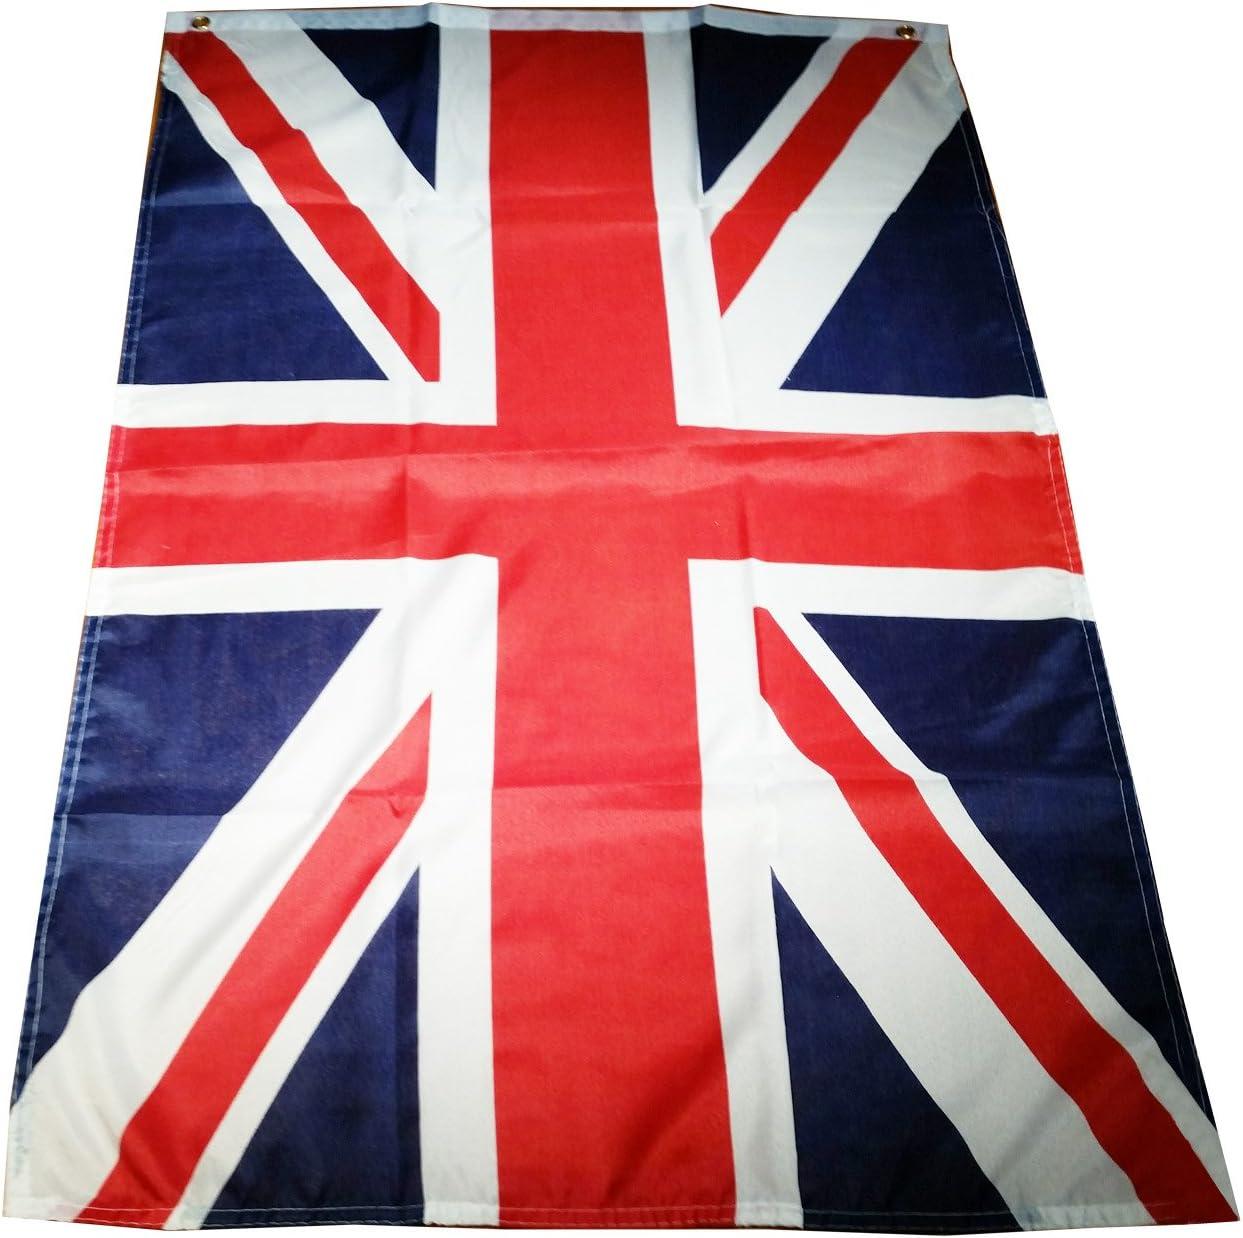 Qualité Premium 5 FT 5/'X3/' Drapeau Union Jack Britannique x 3 ft environ 1.52 m environ 0.91 m